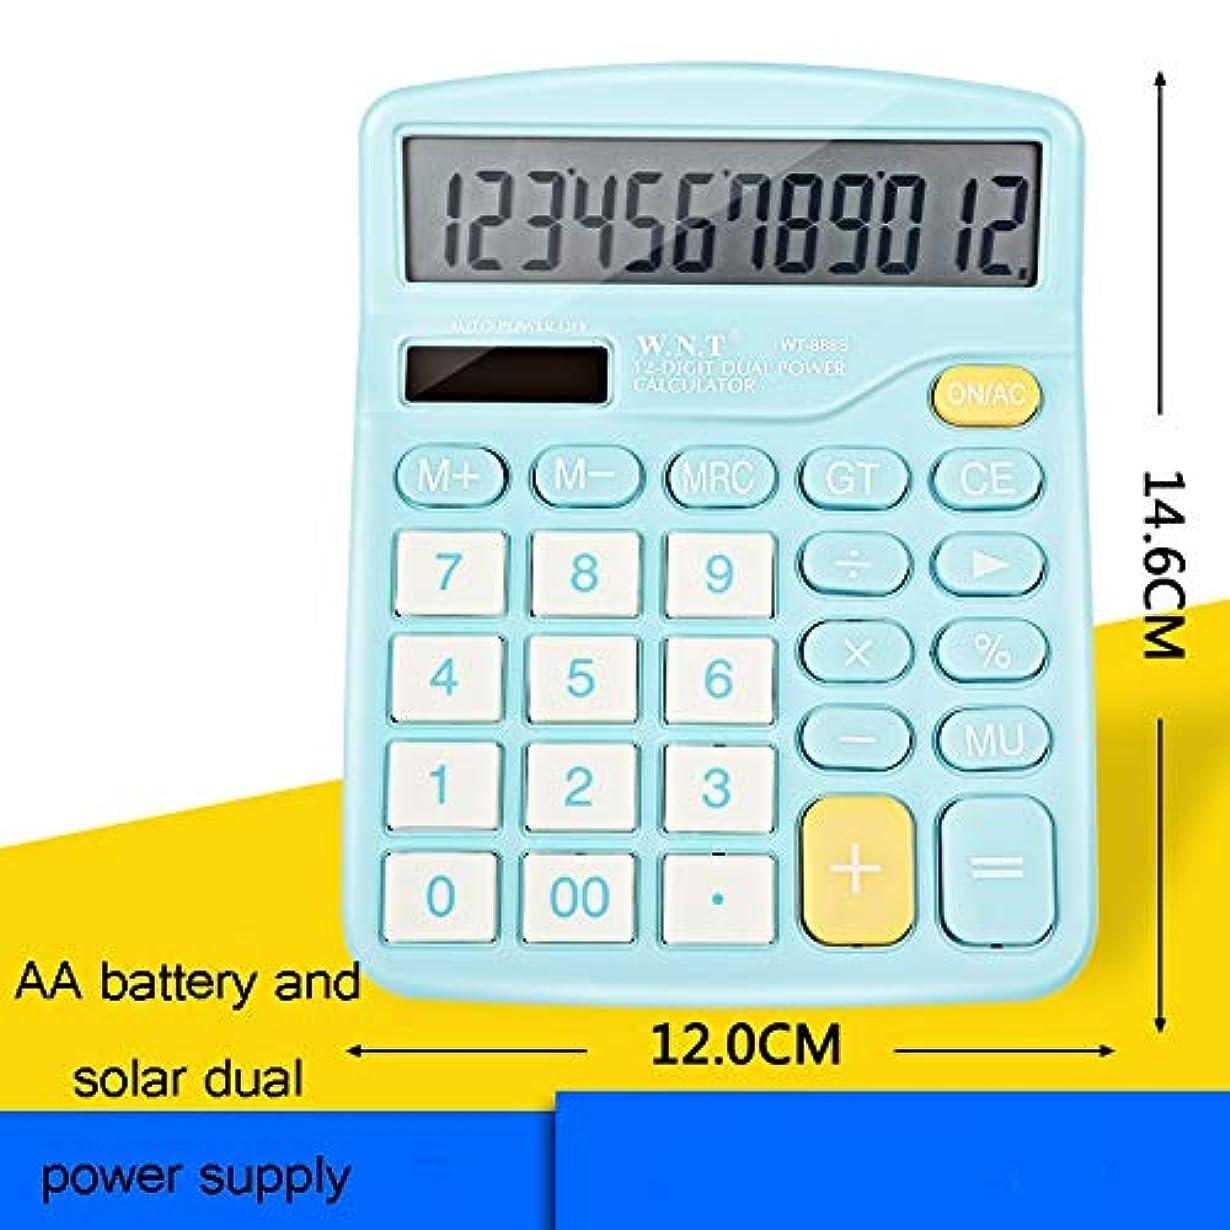 寄付くアラビア語デスクトップ計算機 電子計算機 大型LCDモニター 太陽電池デュアルパワーオフィス計算機 太陽電池デュアルパワーオフィス計算機 大型LCDモニター 電子計算機 デスクトップ計算機 NC-89